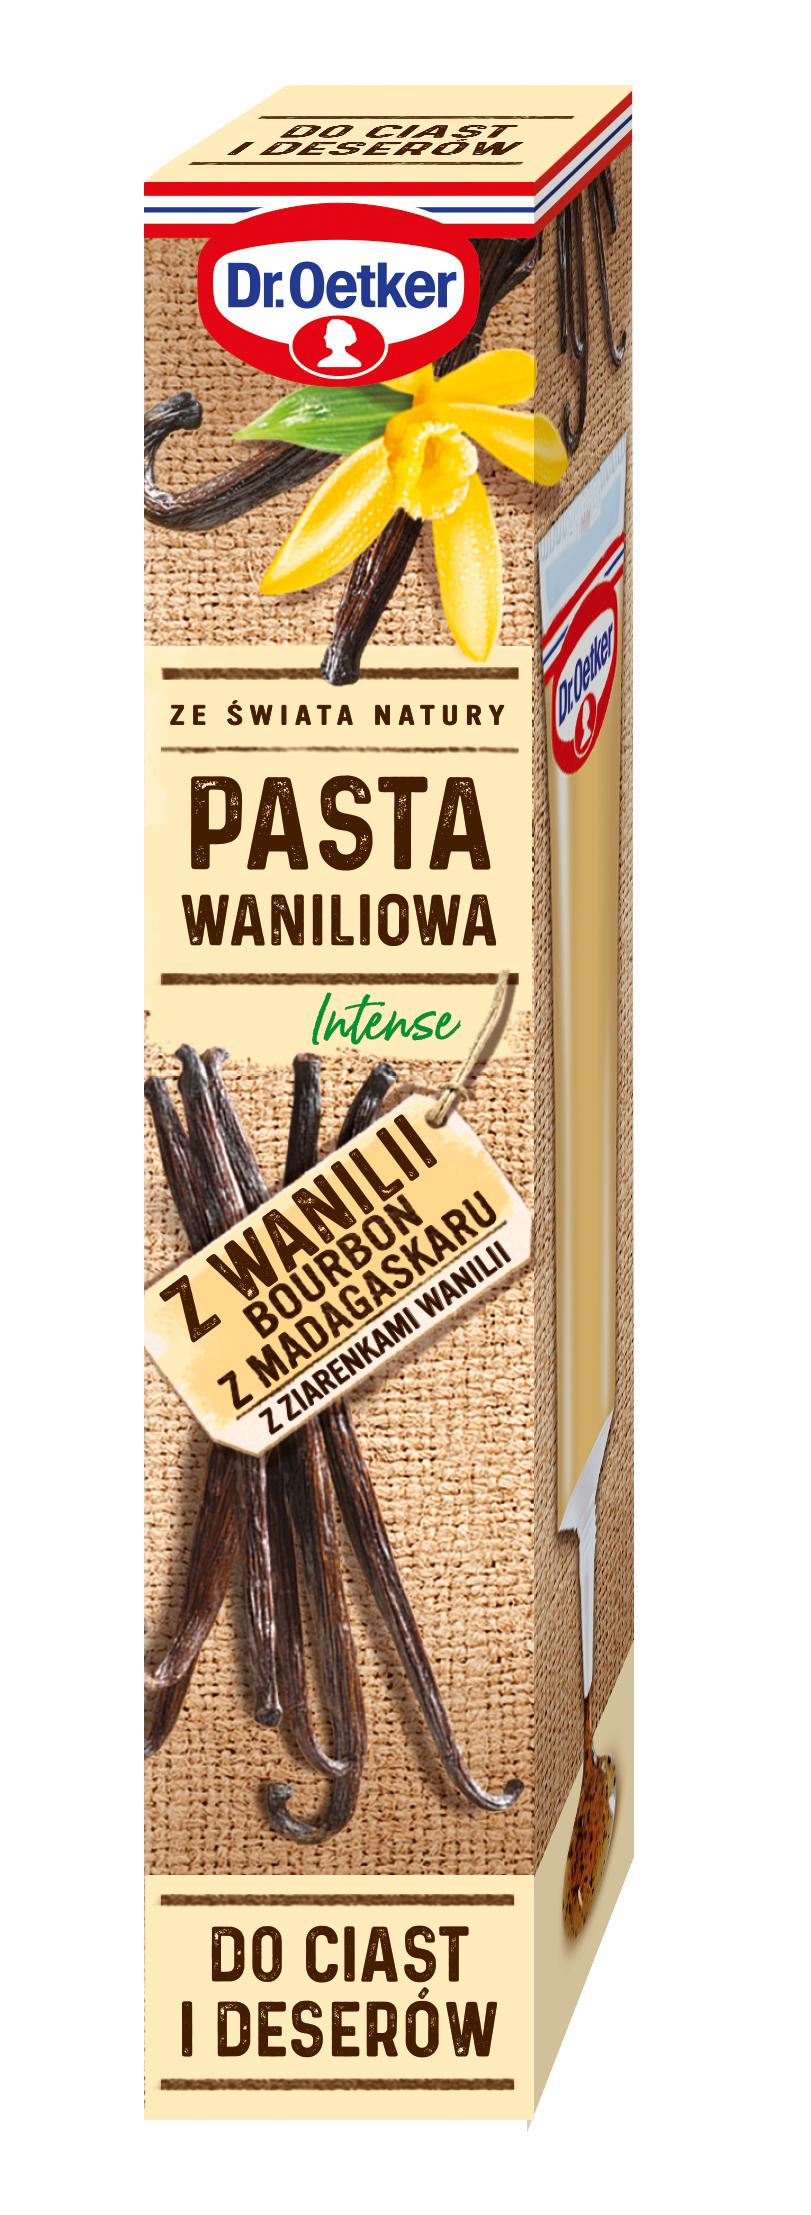 Pasta waniliowa Intense z wanilii Bourbon z Madagaskaru z ziarenkami